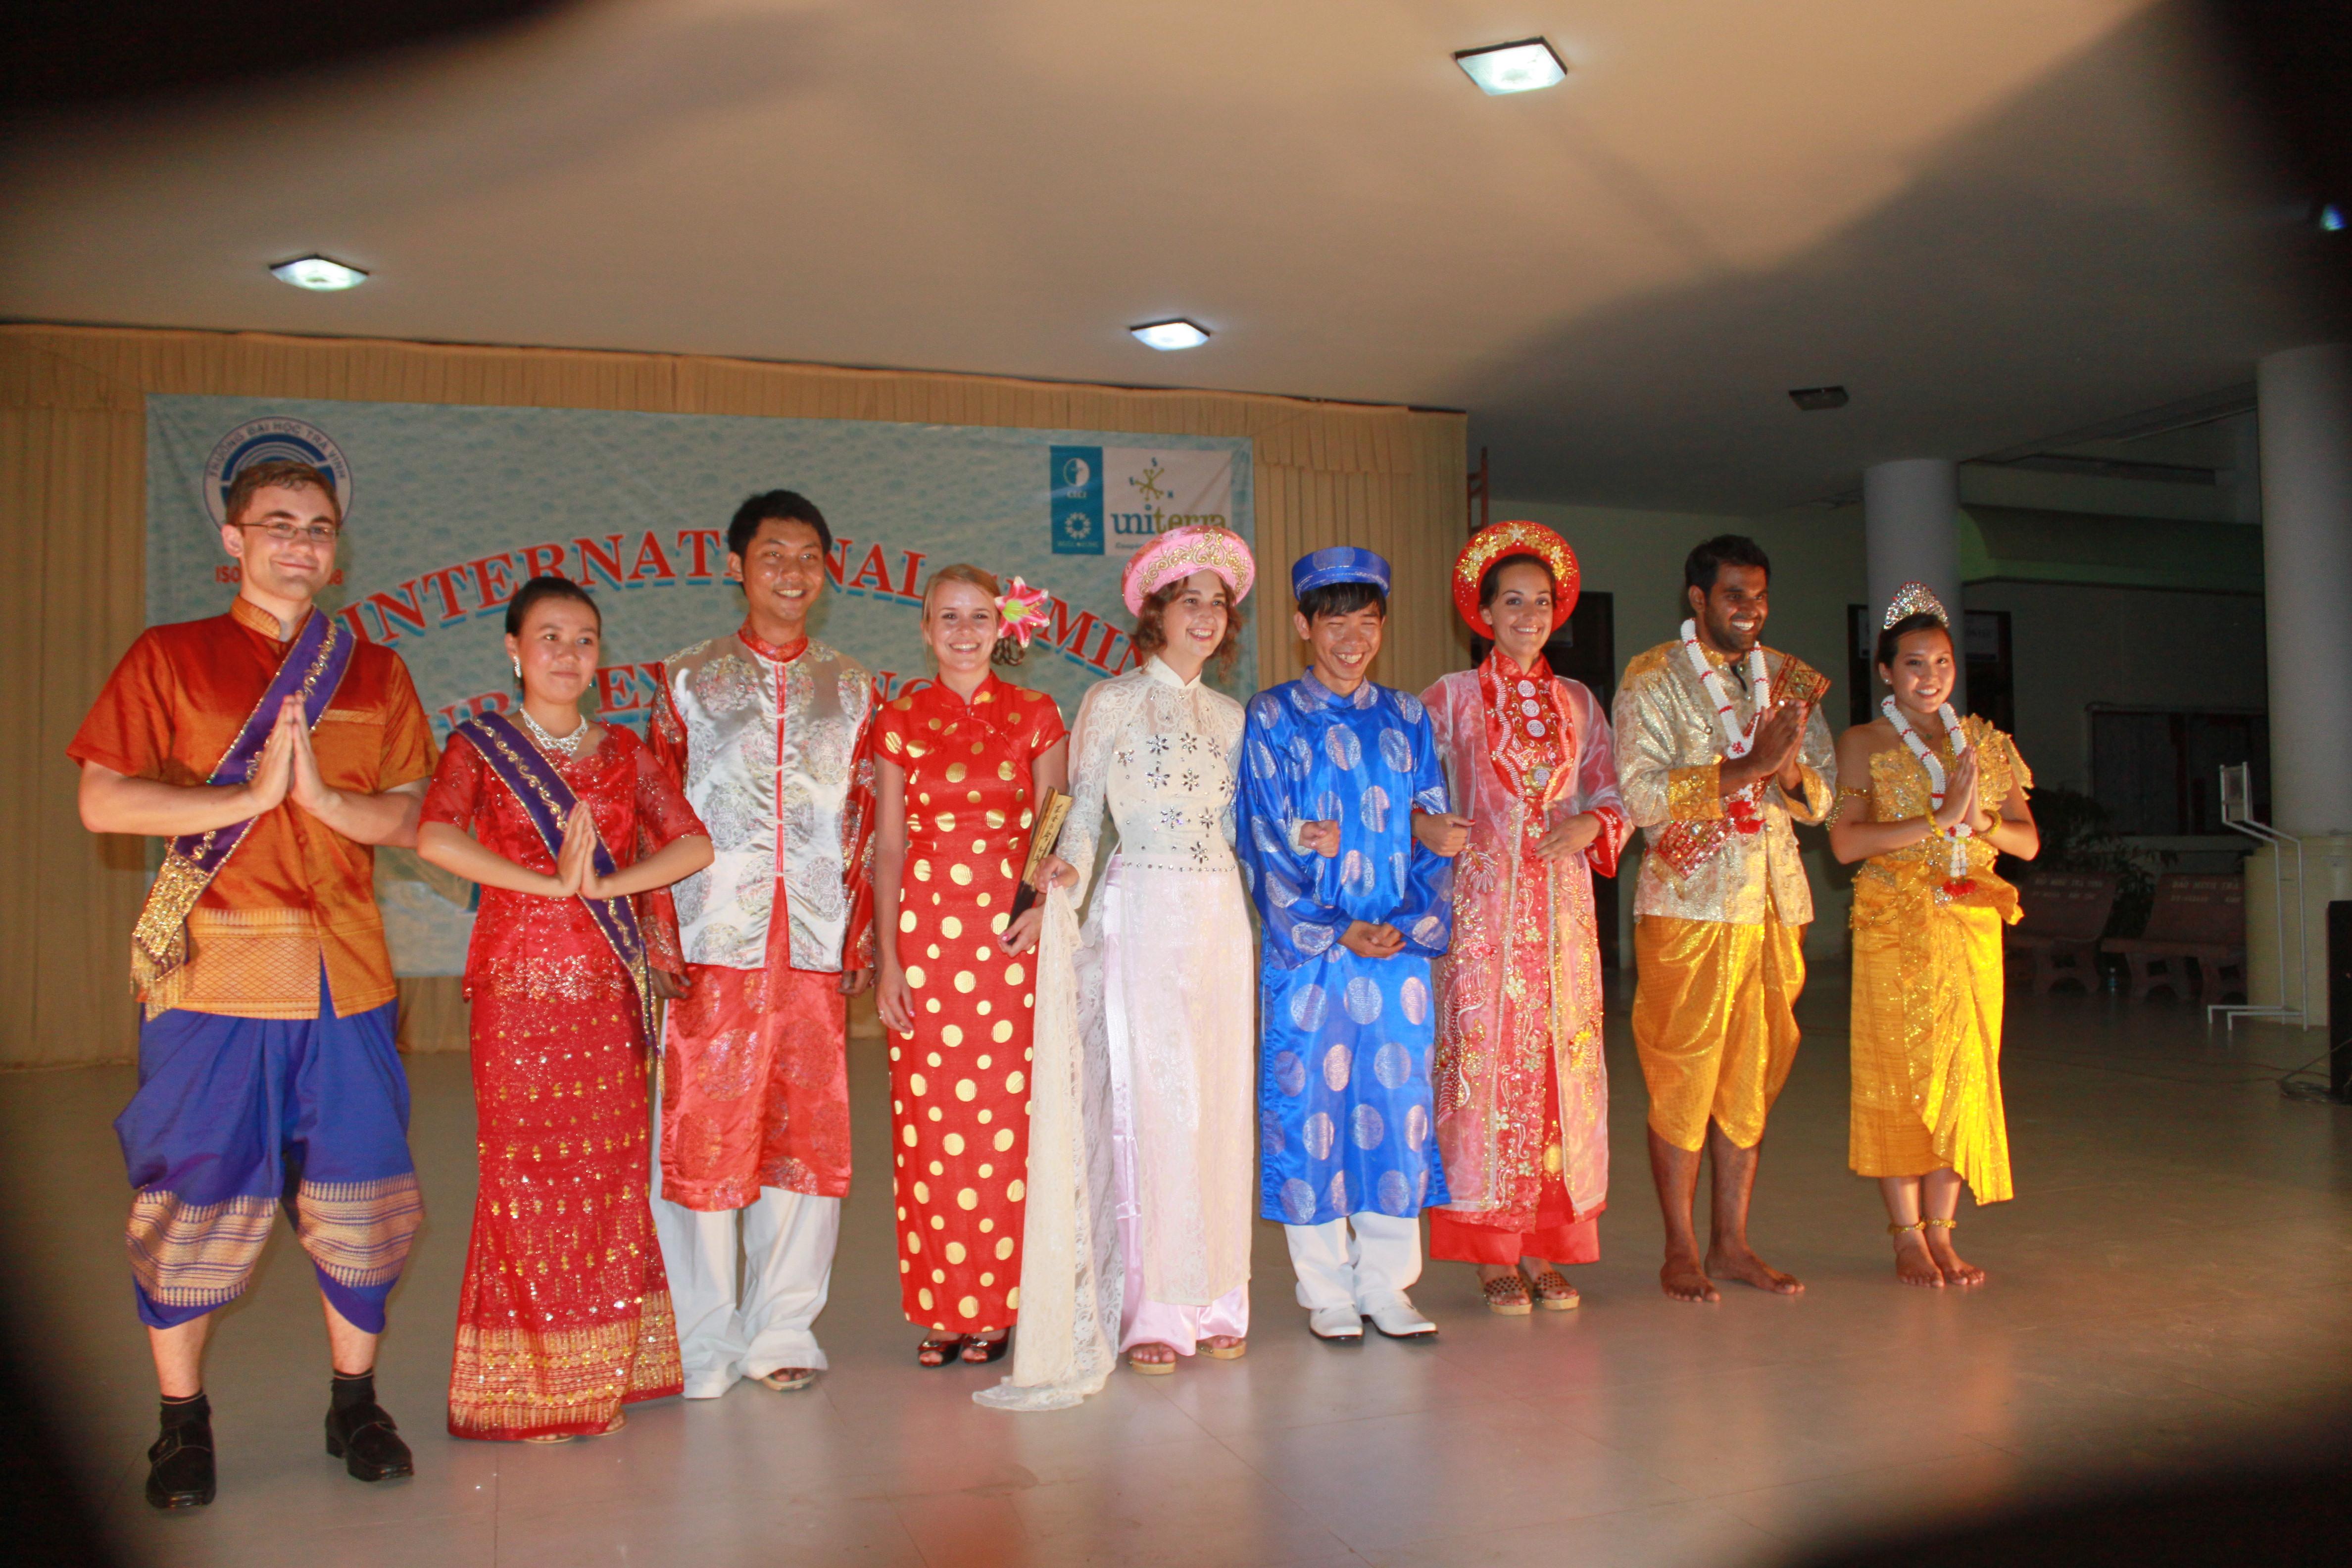 Gogozzzz mariée vietnamienne la rencontrer